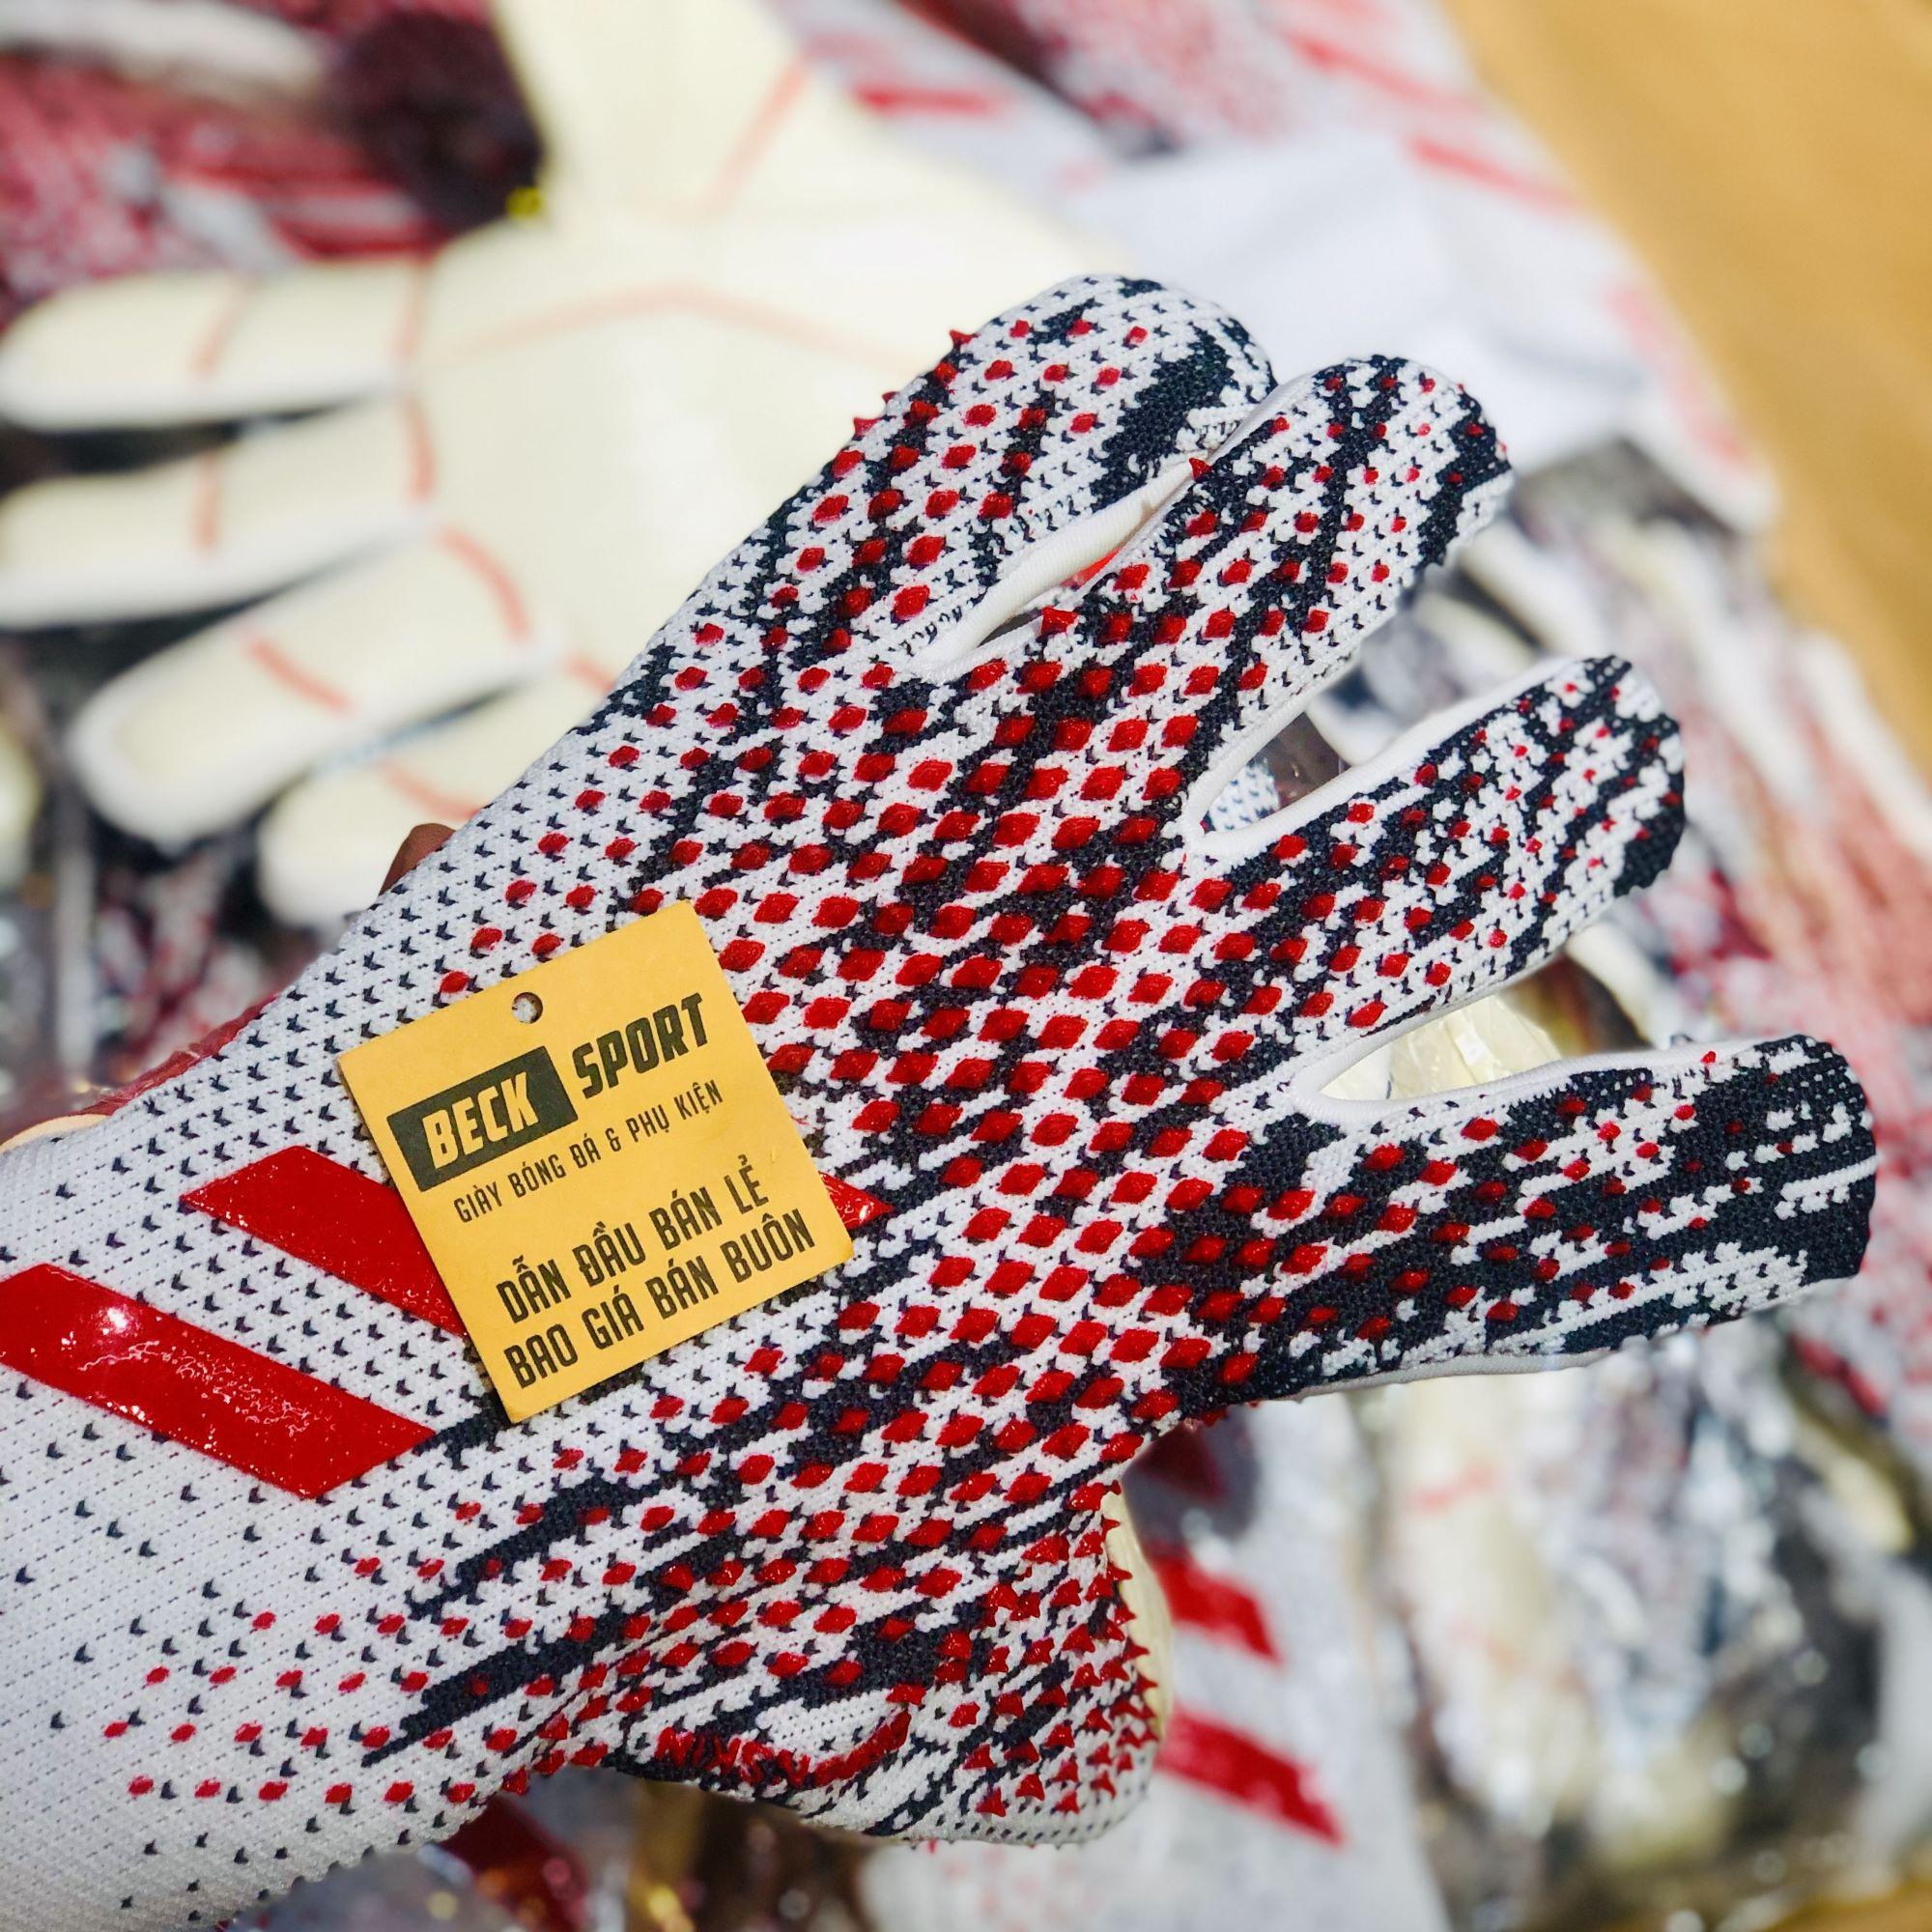 Găng Tay Adidas Predator 20 Pro PC Manuel Neuer Trắng Đen Vạch Đỏ Loại 1 ( Không Xương )